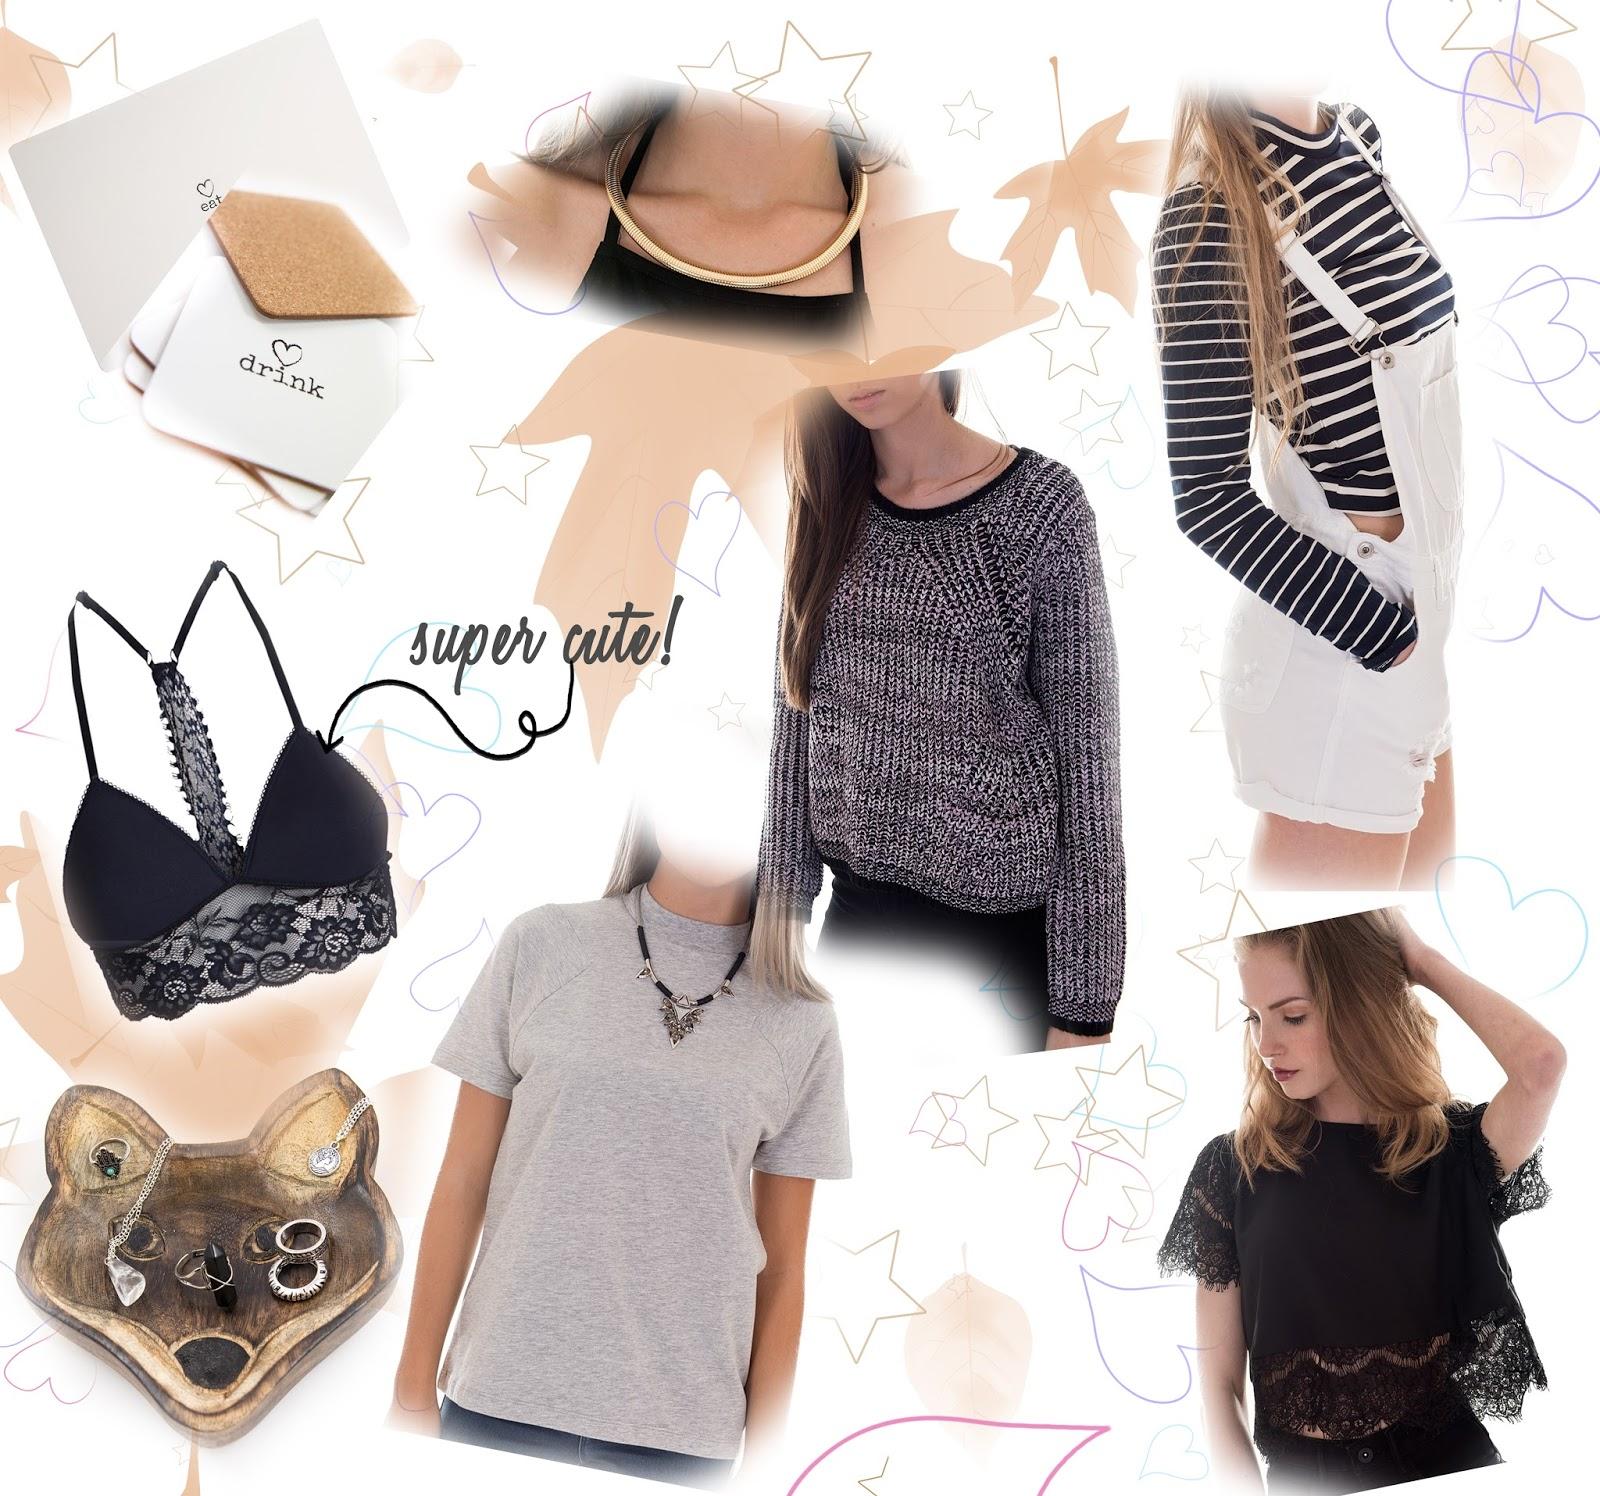 brand watch dizen clothing wishlist autumn winter